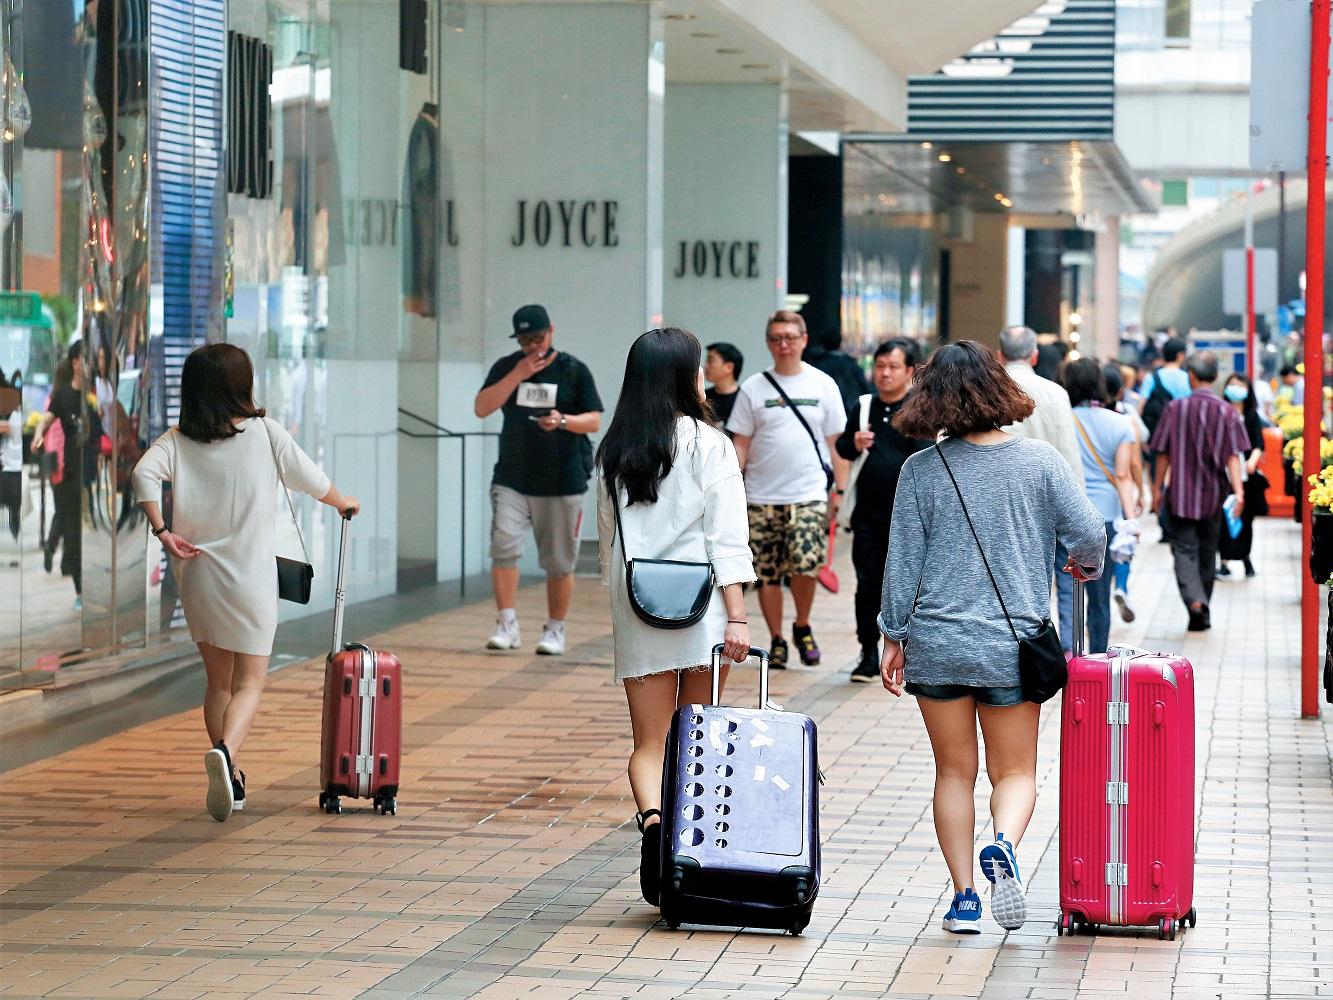 旅客減少,酒店業生意受到影響。資料圖片